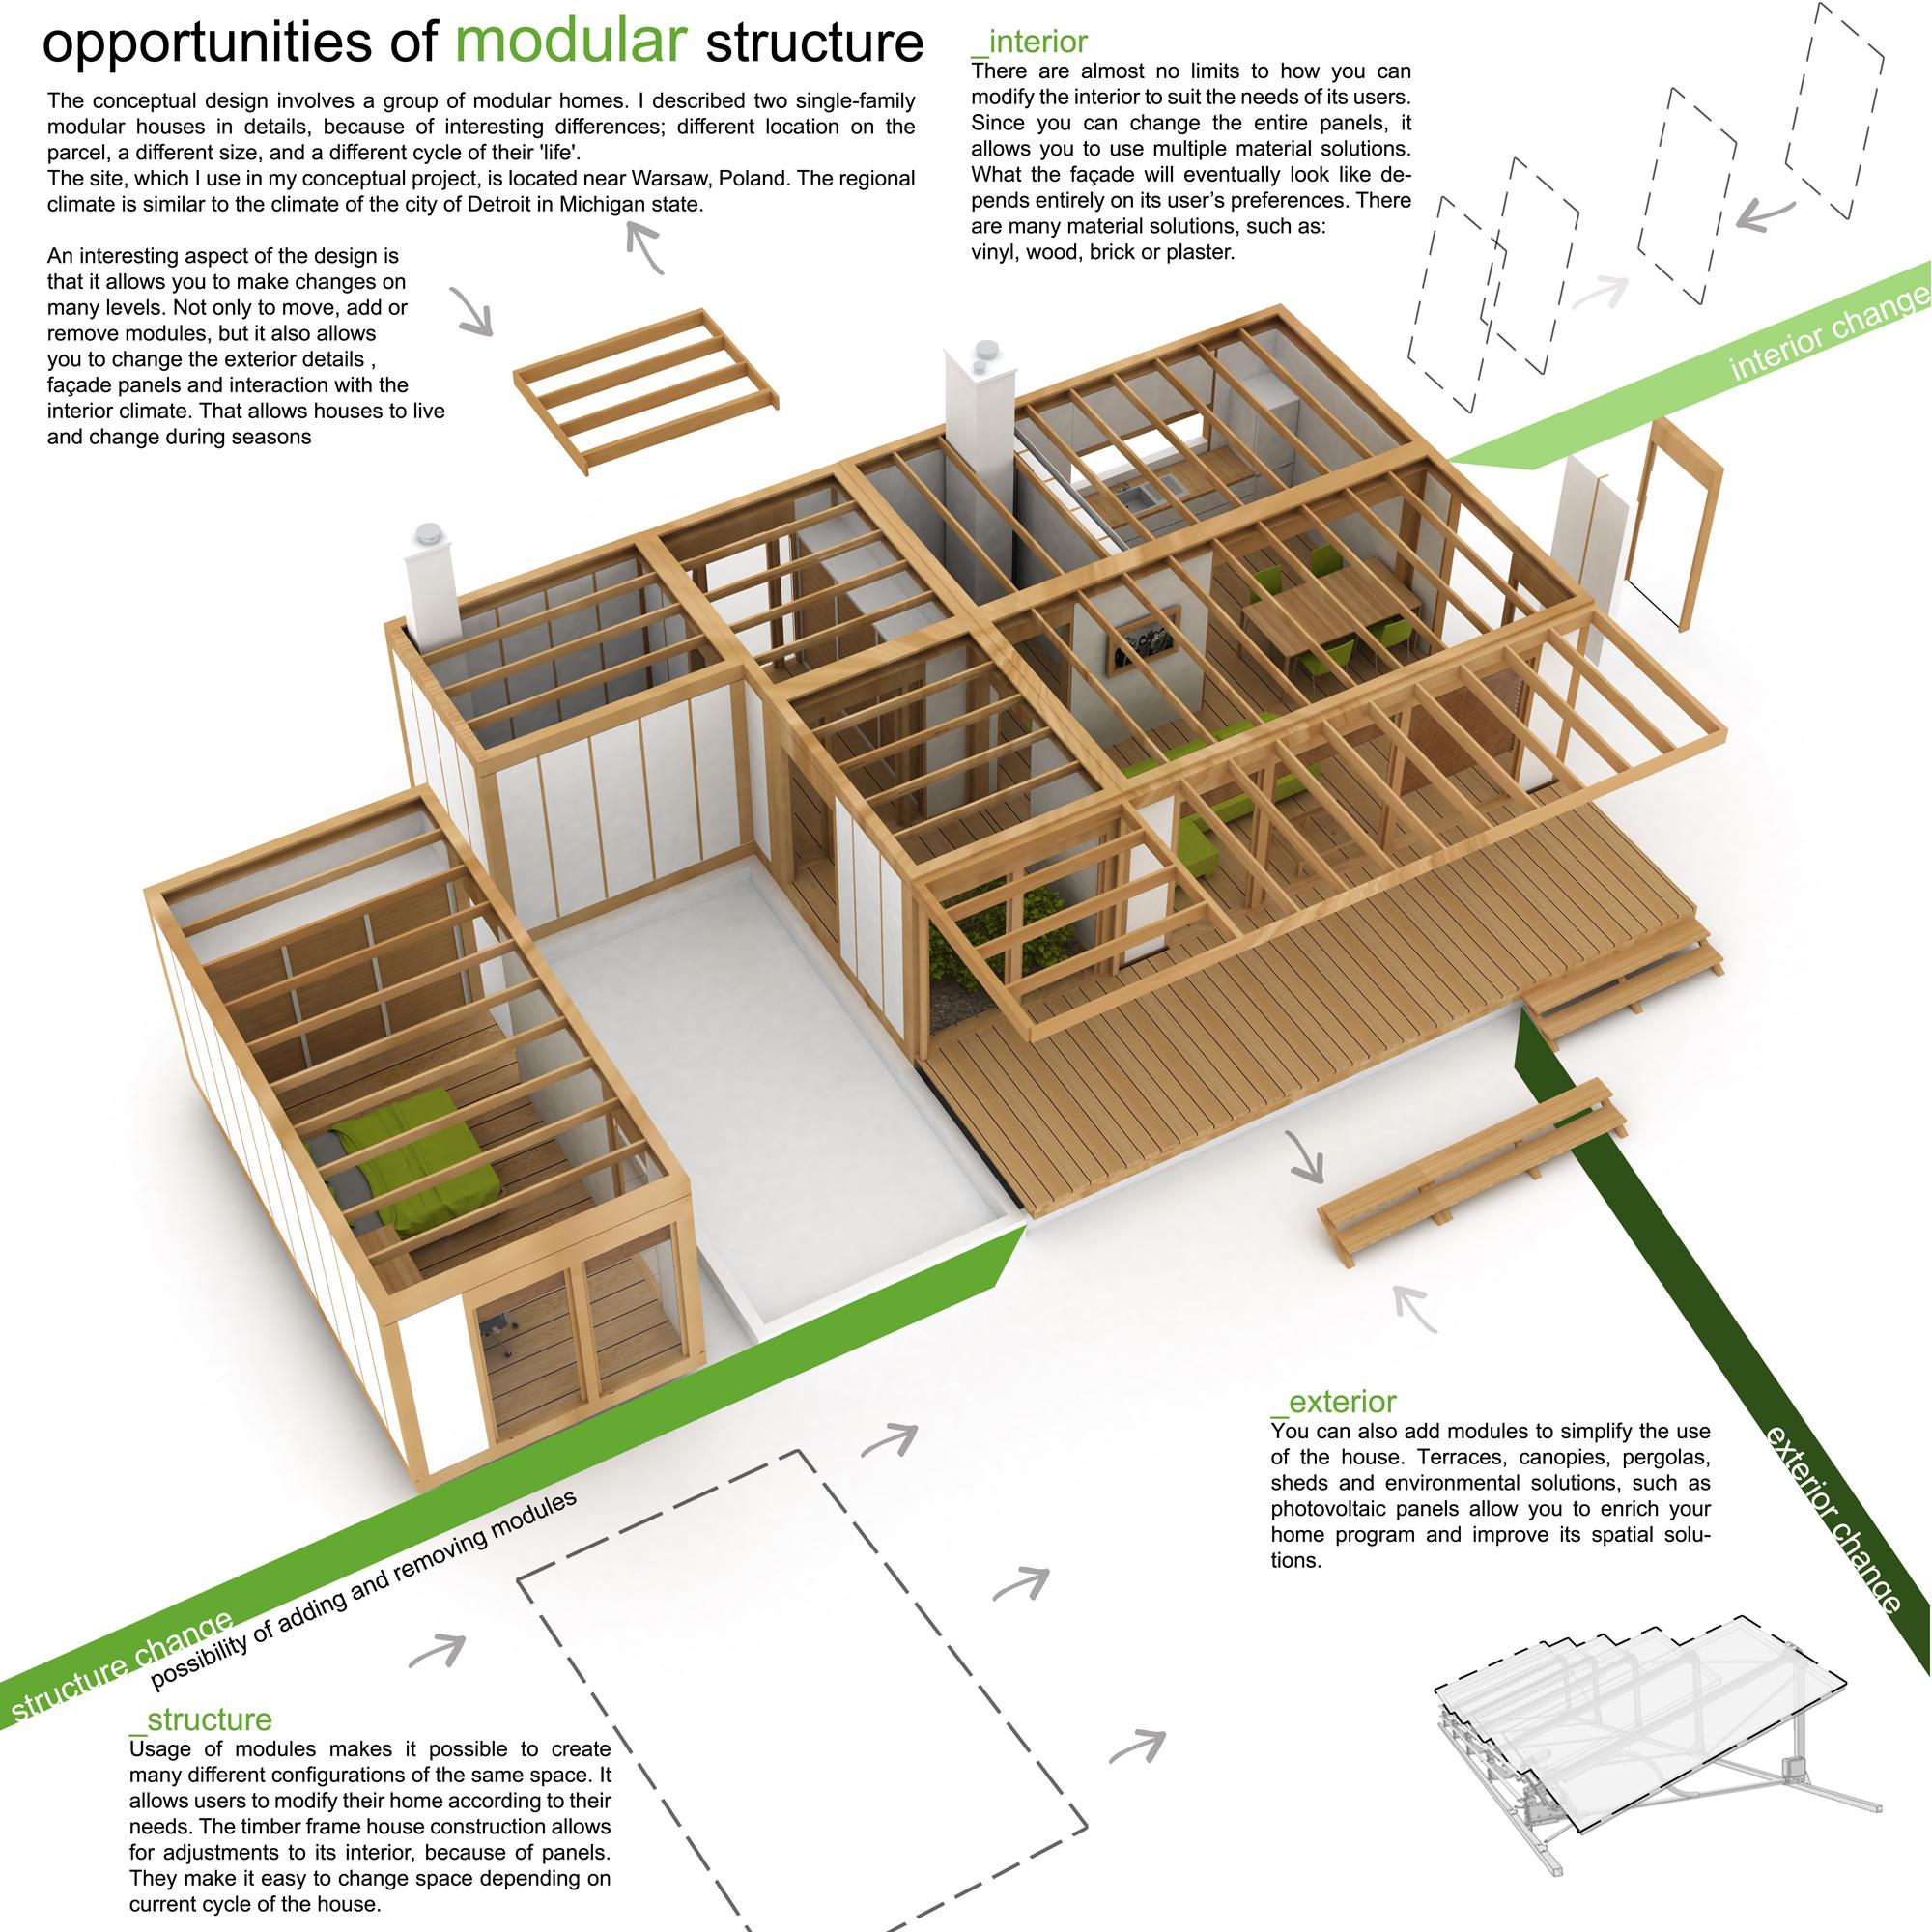 Resultado Do Concurso Residências Sustentáveis: Habitat For Humanity  Student Design,Oeste © 2012 Association